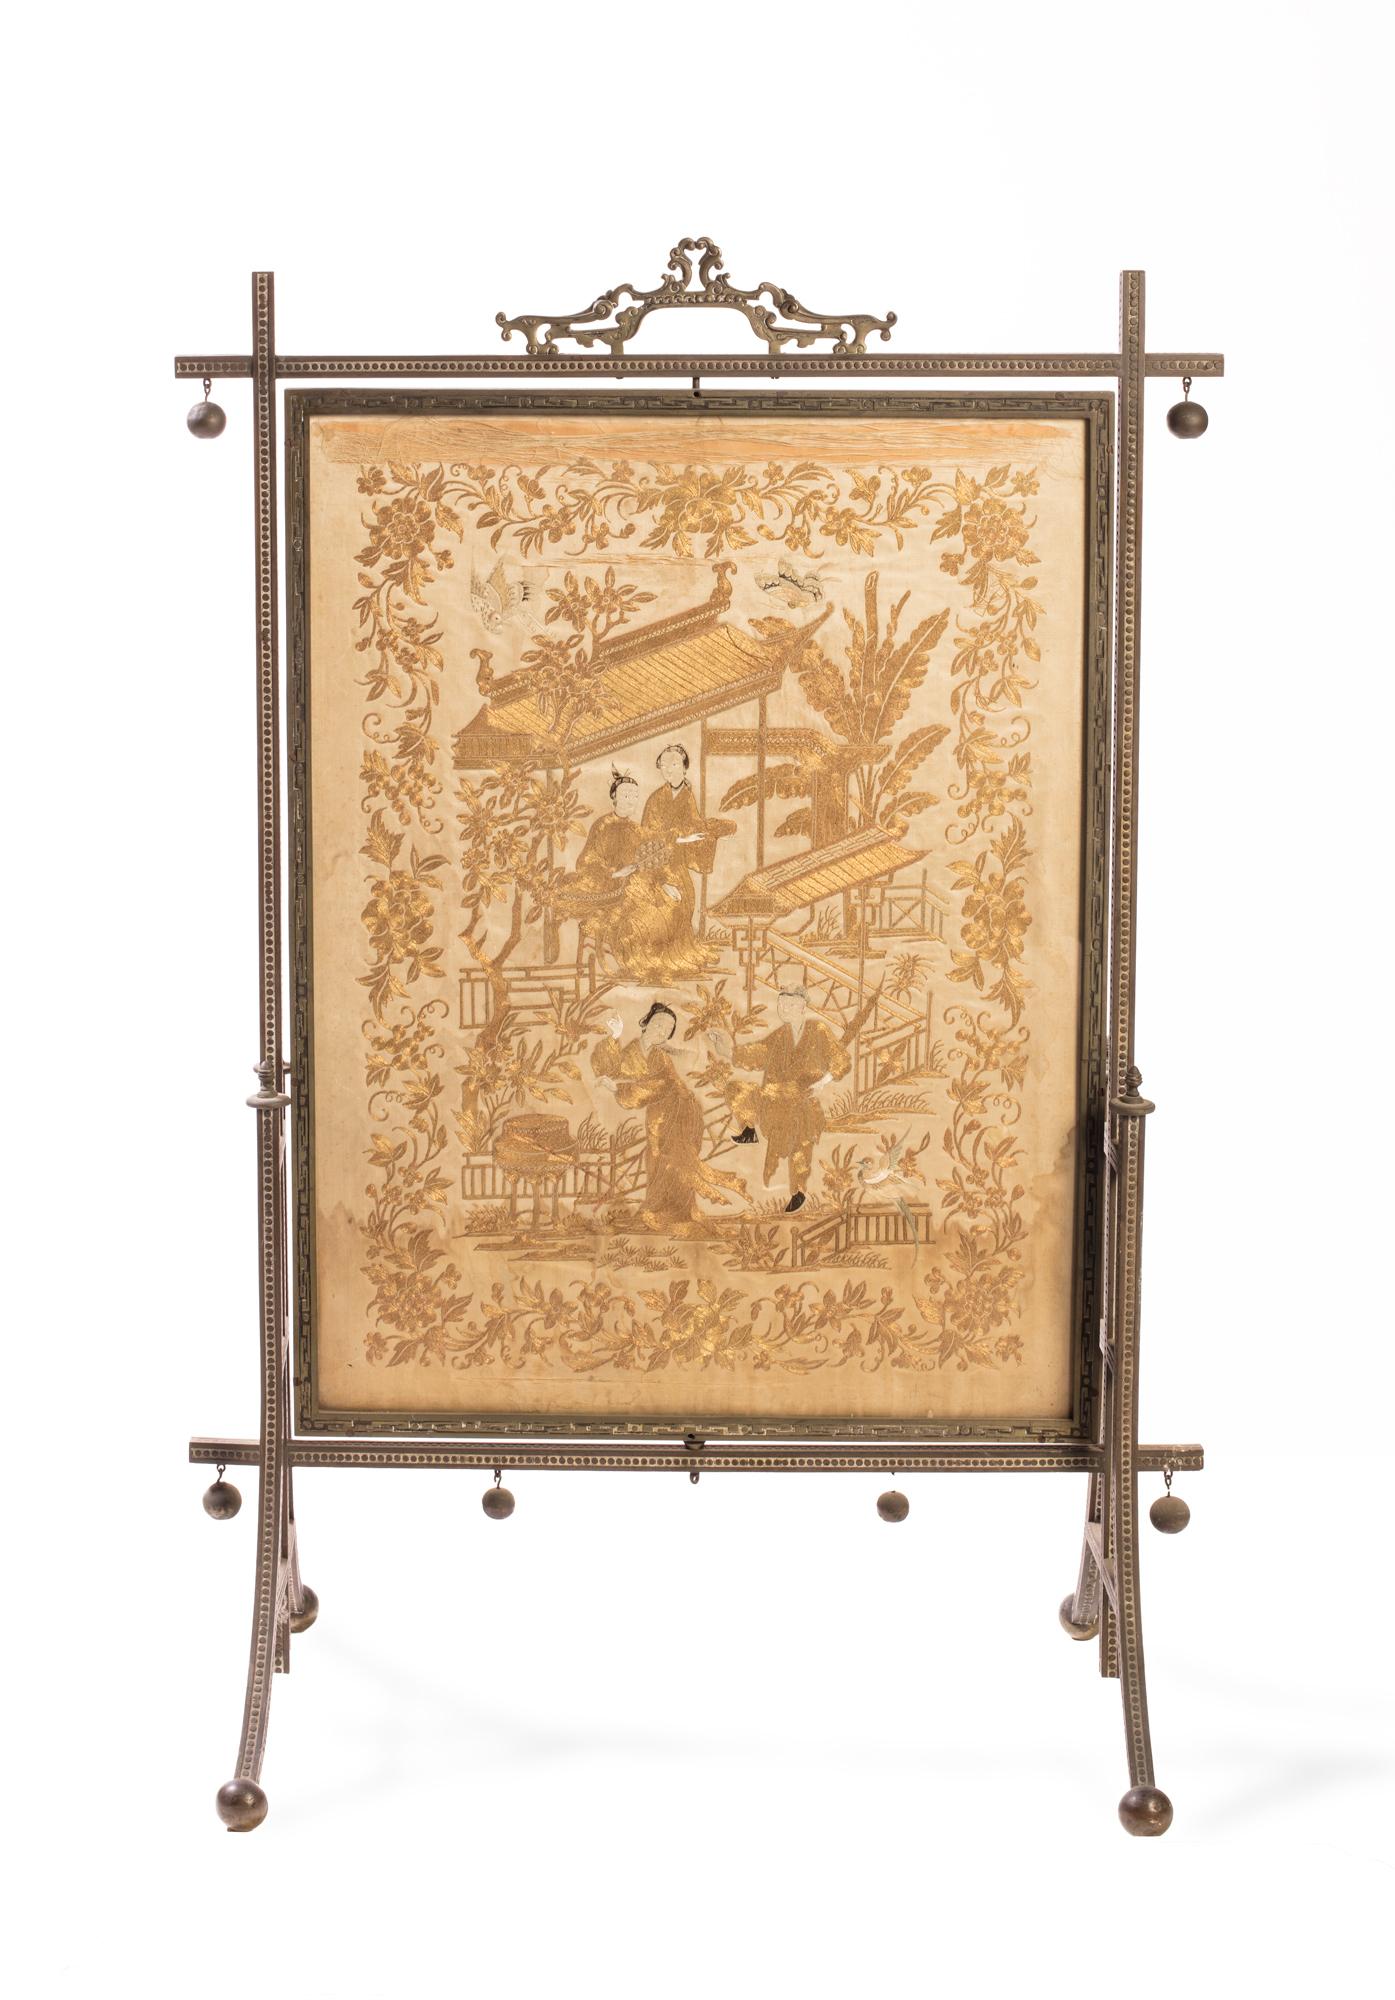 Pannello decorato a filo oro su seta raffigurante giardino con pagoda e astanti